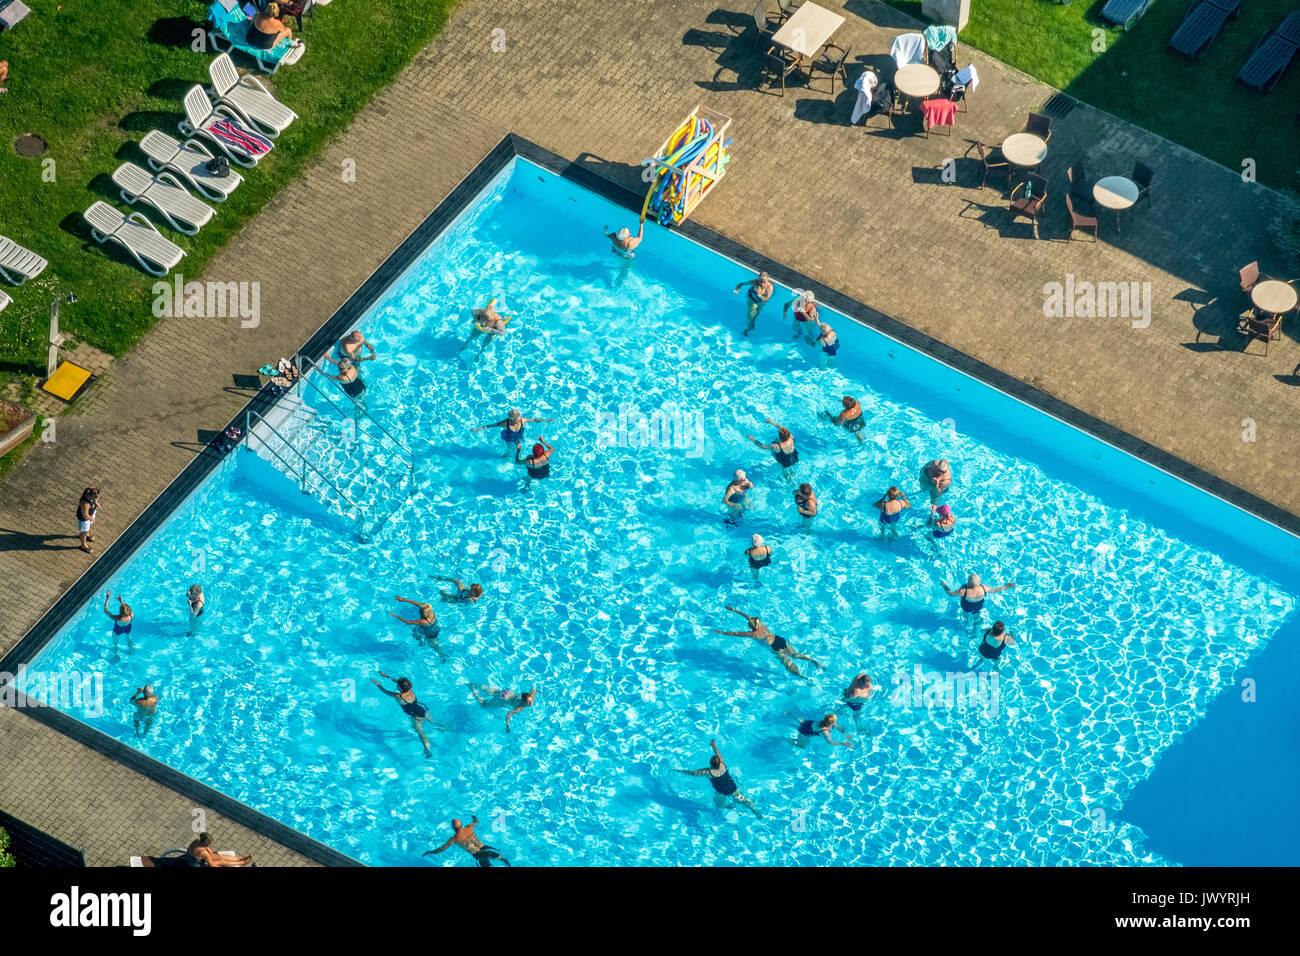 Área de piscina Vonderort, aeróbicos en el agua, agua azul, piscina, Oberhausen, área de Ruhr, Renania del Norte-Westfalia, Alemania, Europa, Vista aérea, un Imagen De Stock